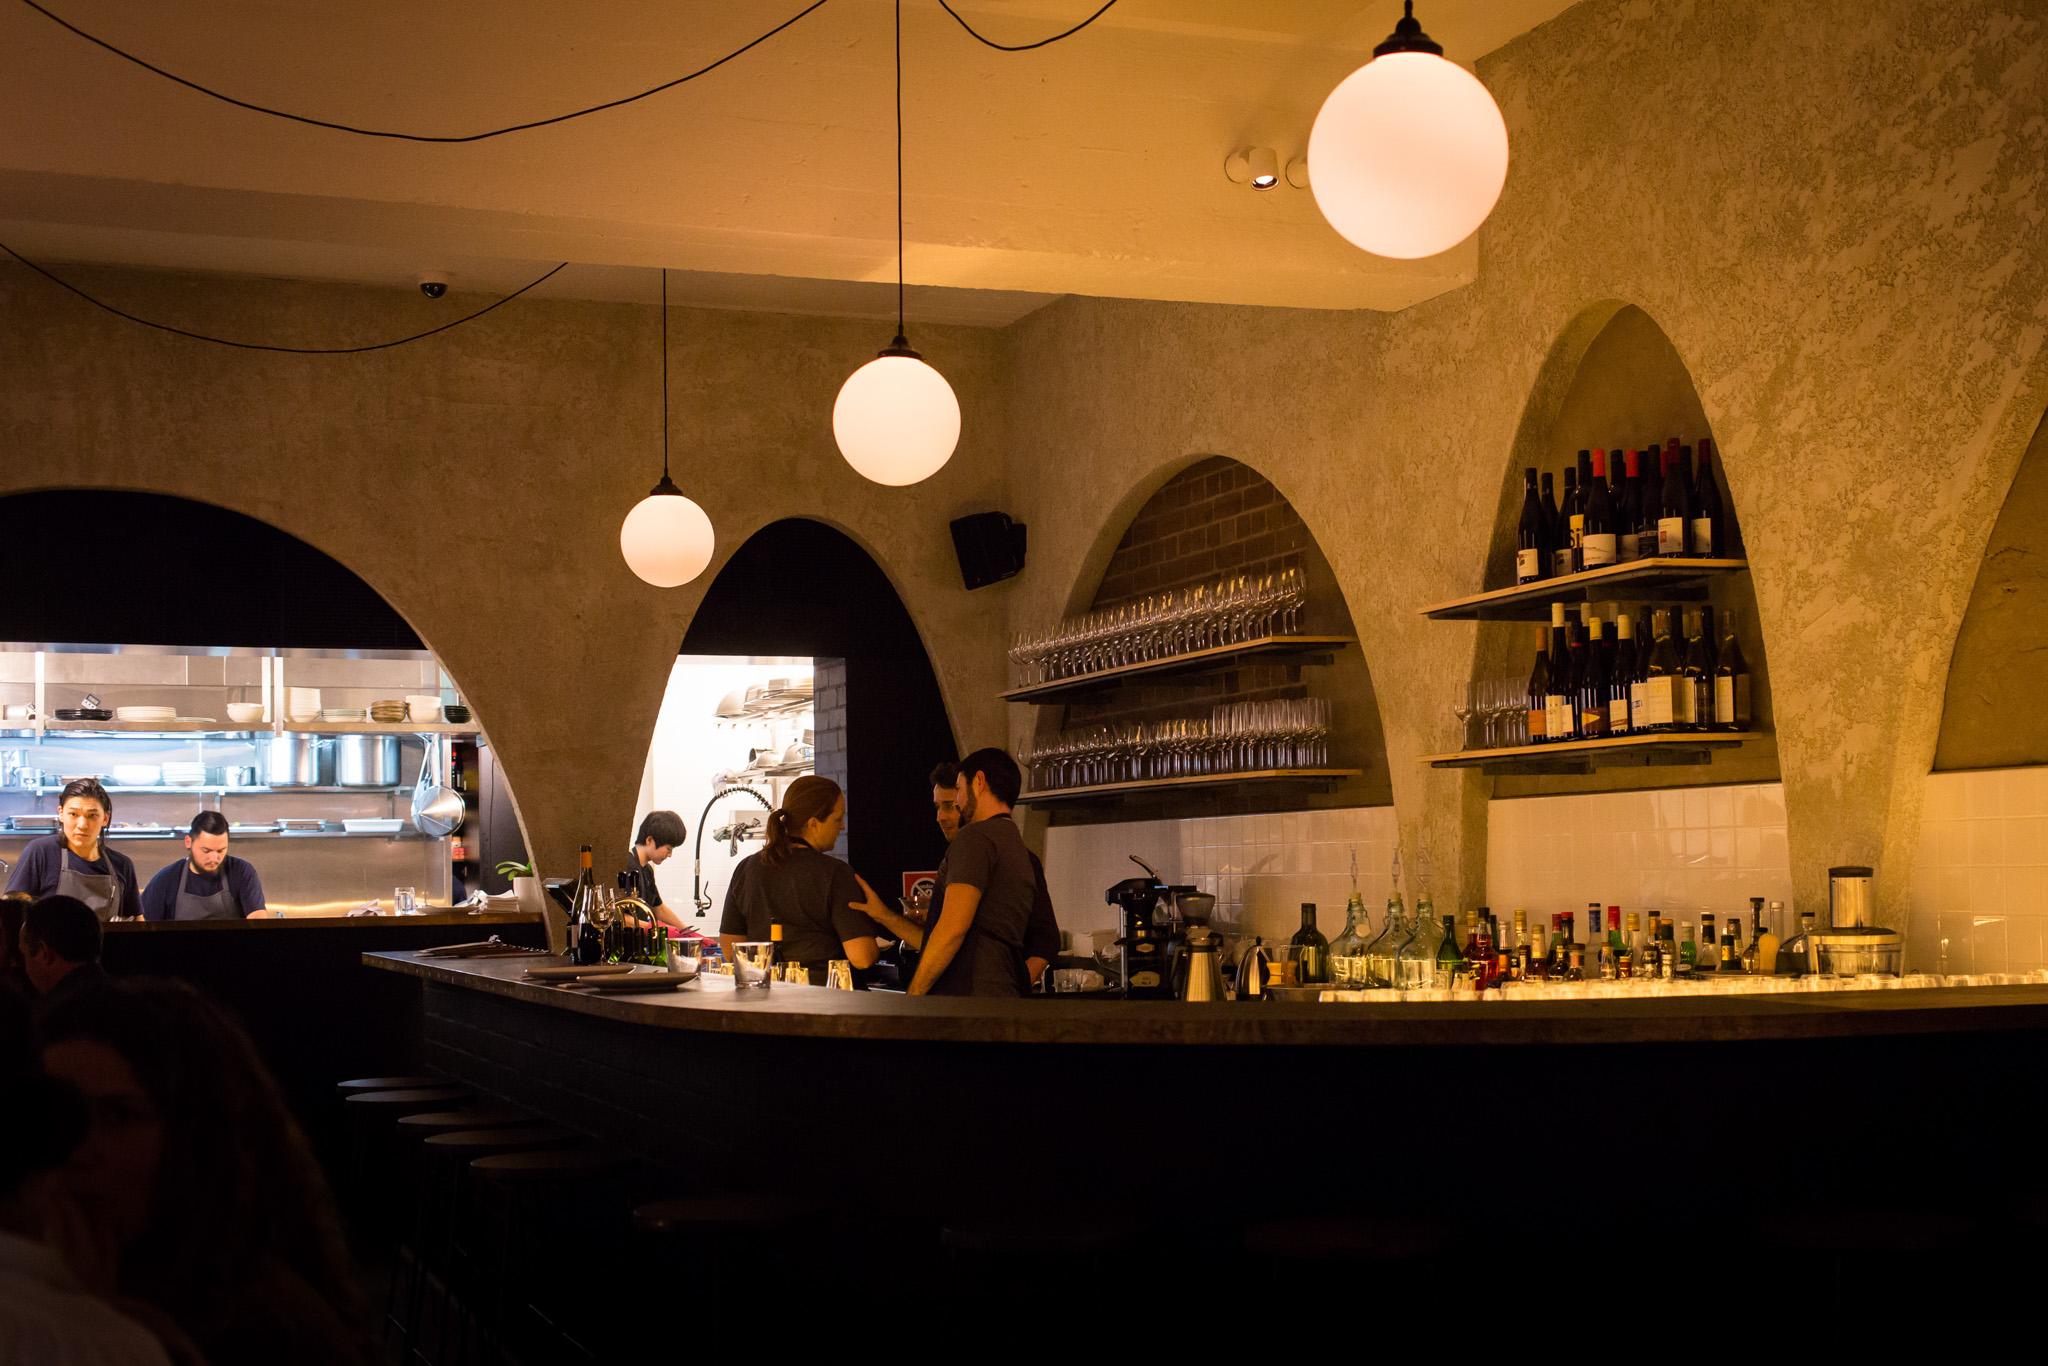 Ester 001 - 10 nhà hàng tuyệt nhất cho cặp tình nhân hẹn hò tại Sydney